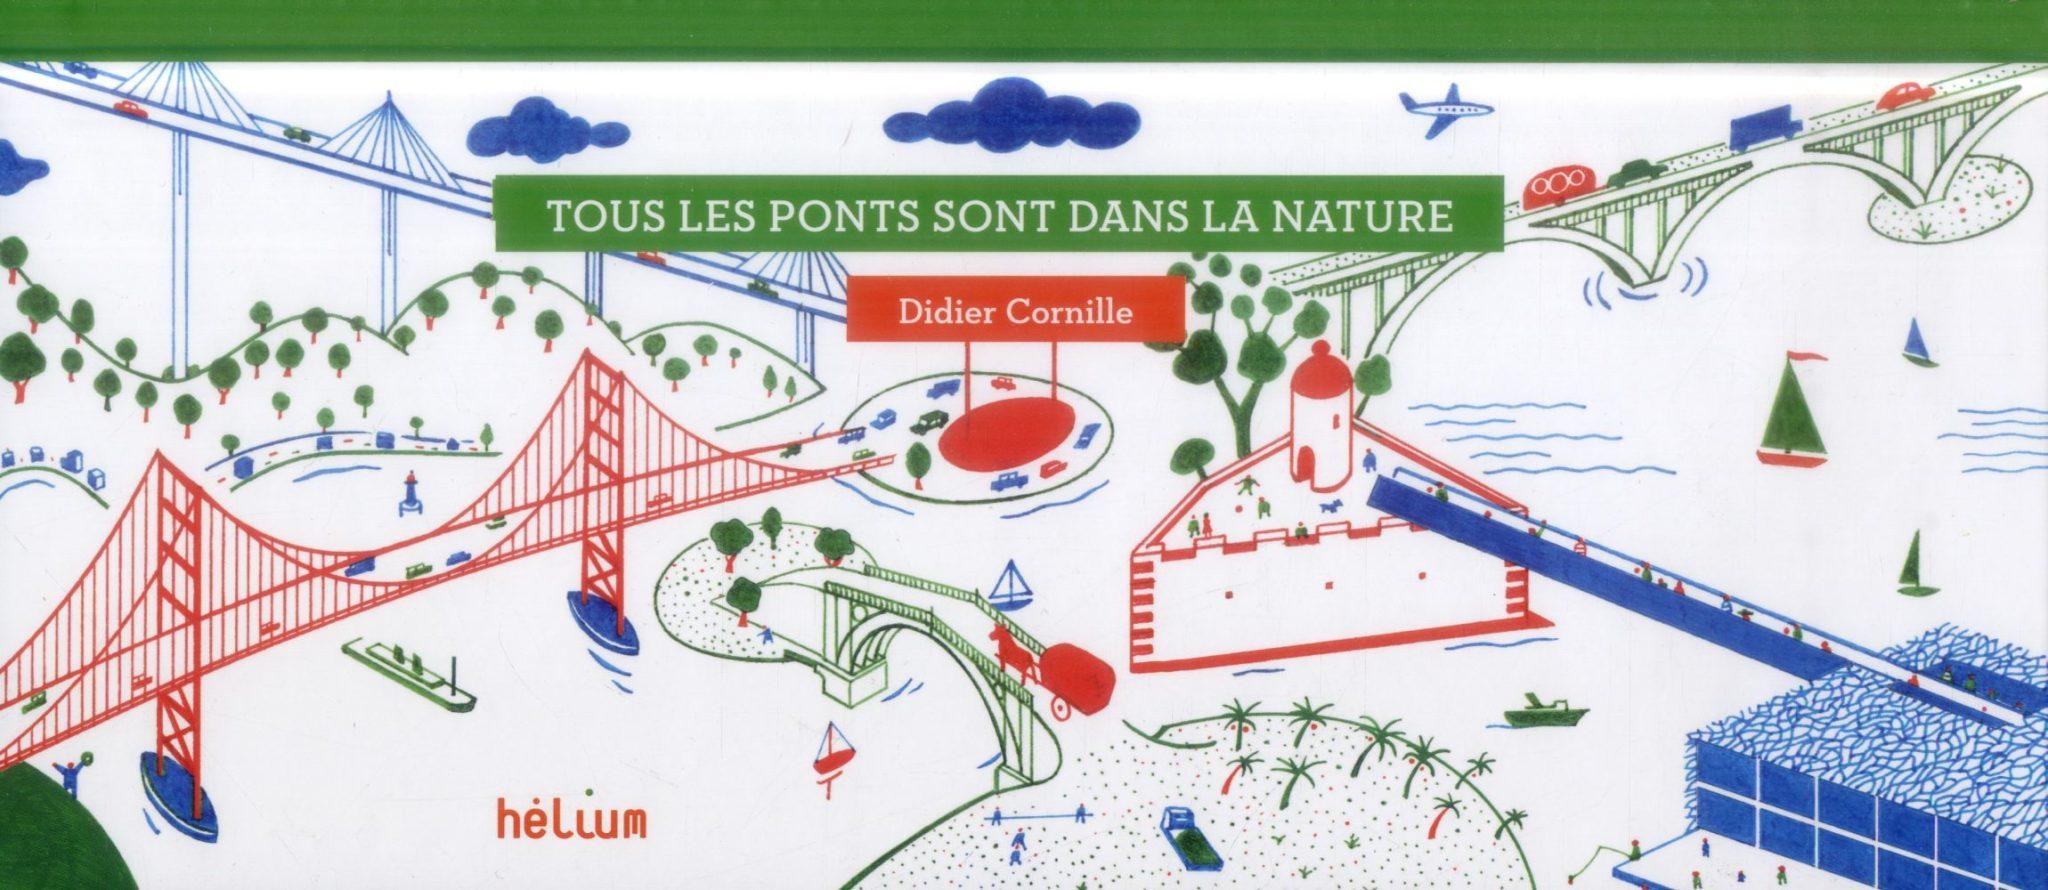 Pépite du Livre d'art  « Tous les Ponts sont dans la nature » de Didier Cornille, (Hélium)